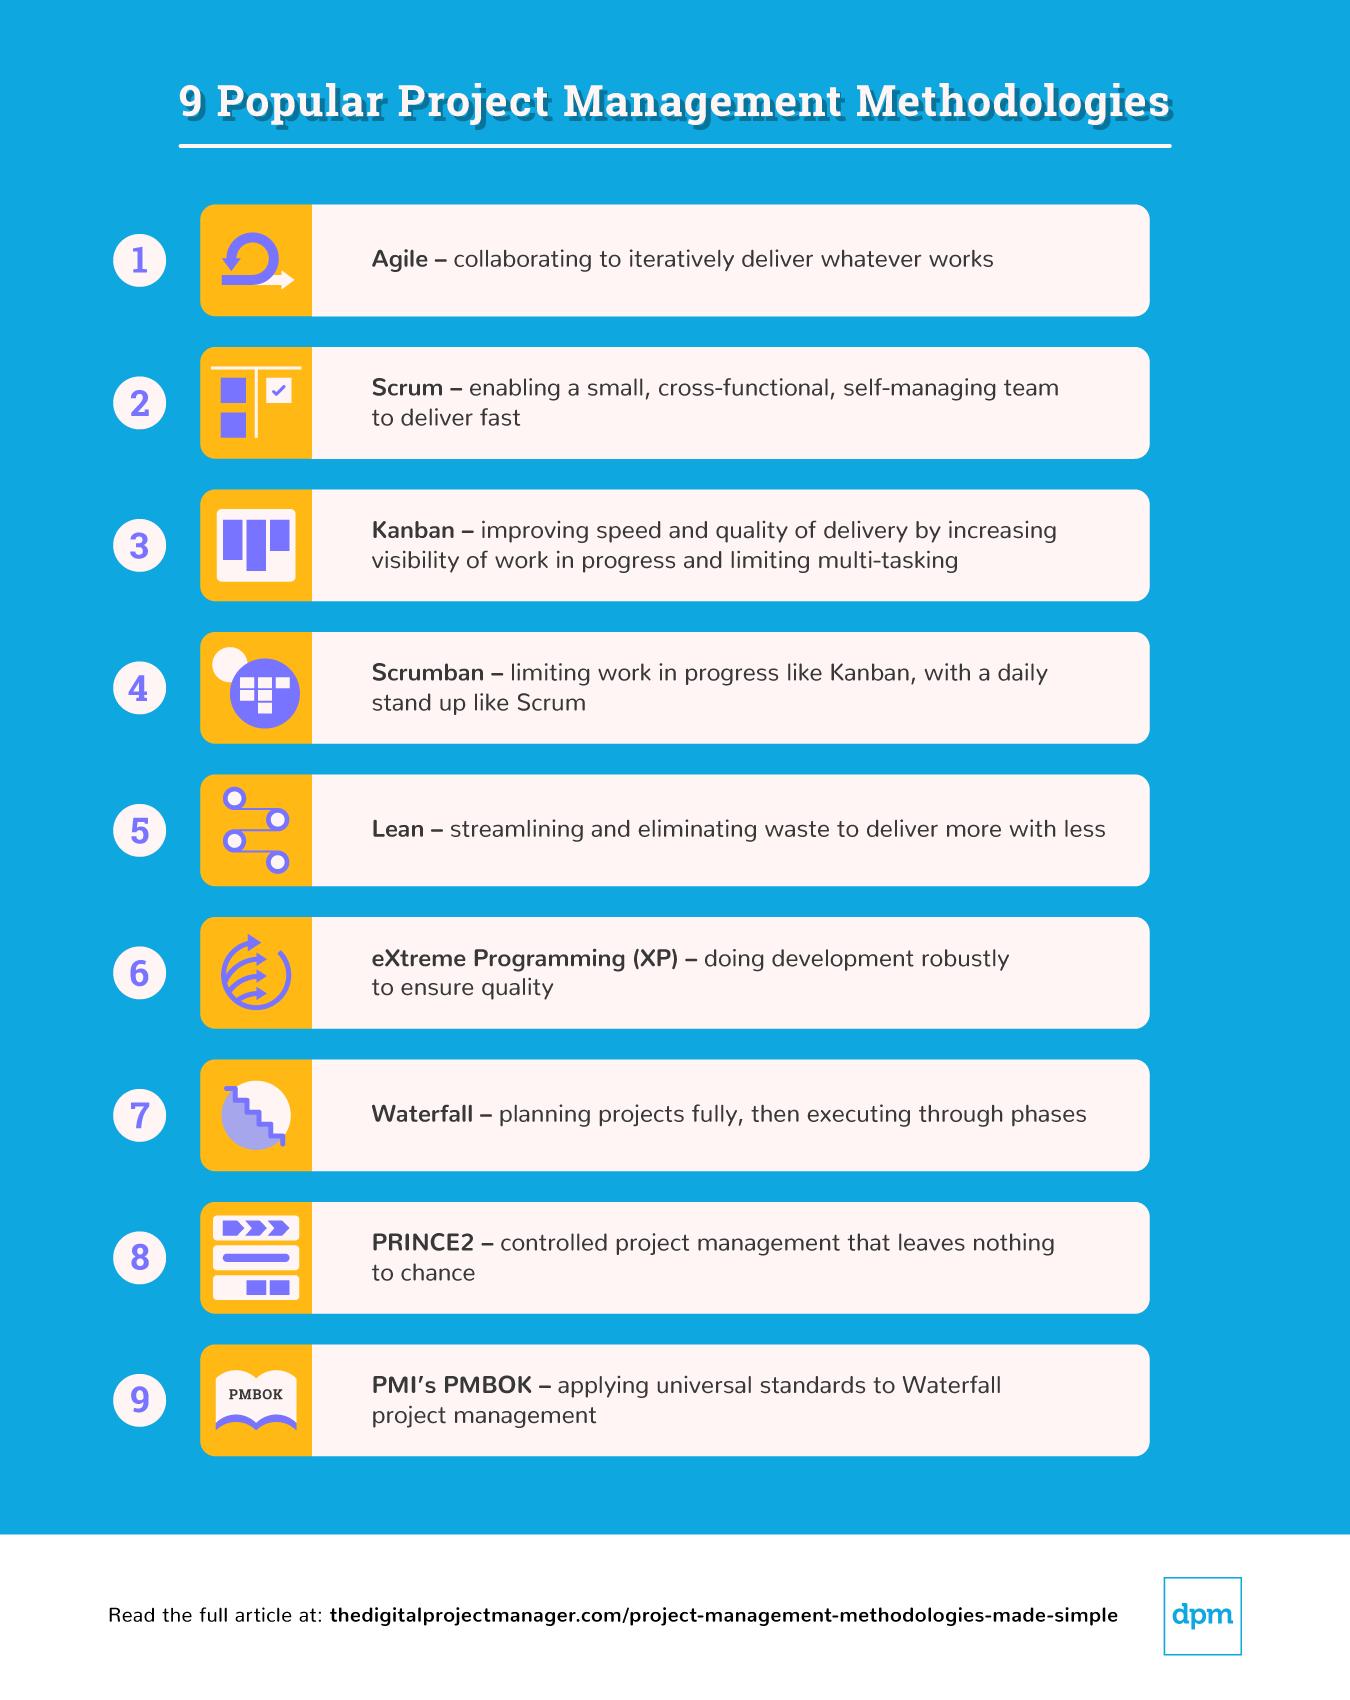 9 metodologias de gestão de projetos mais utilizadas segundo a DPM.